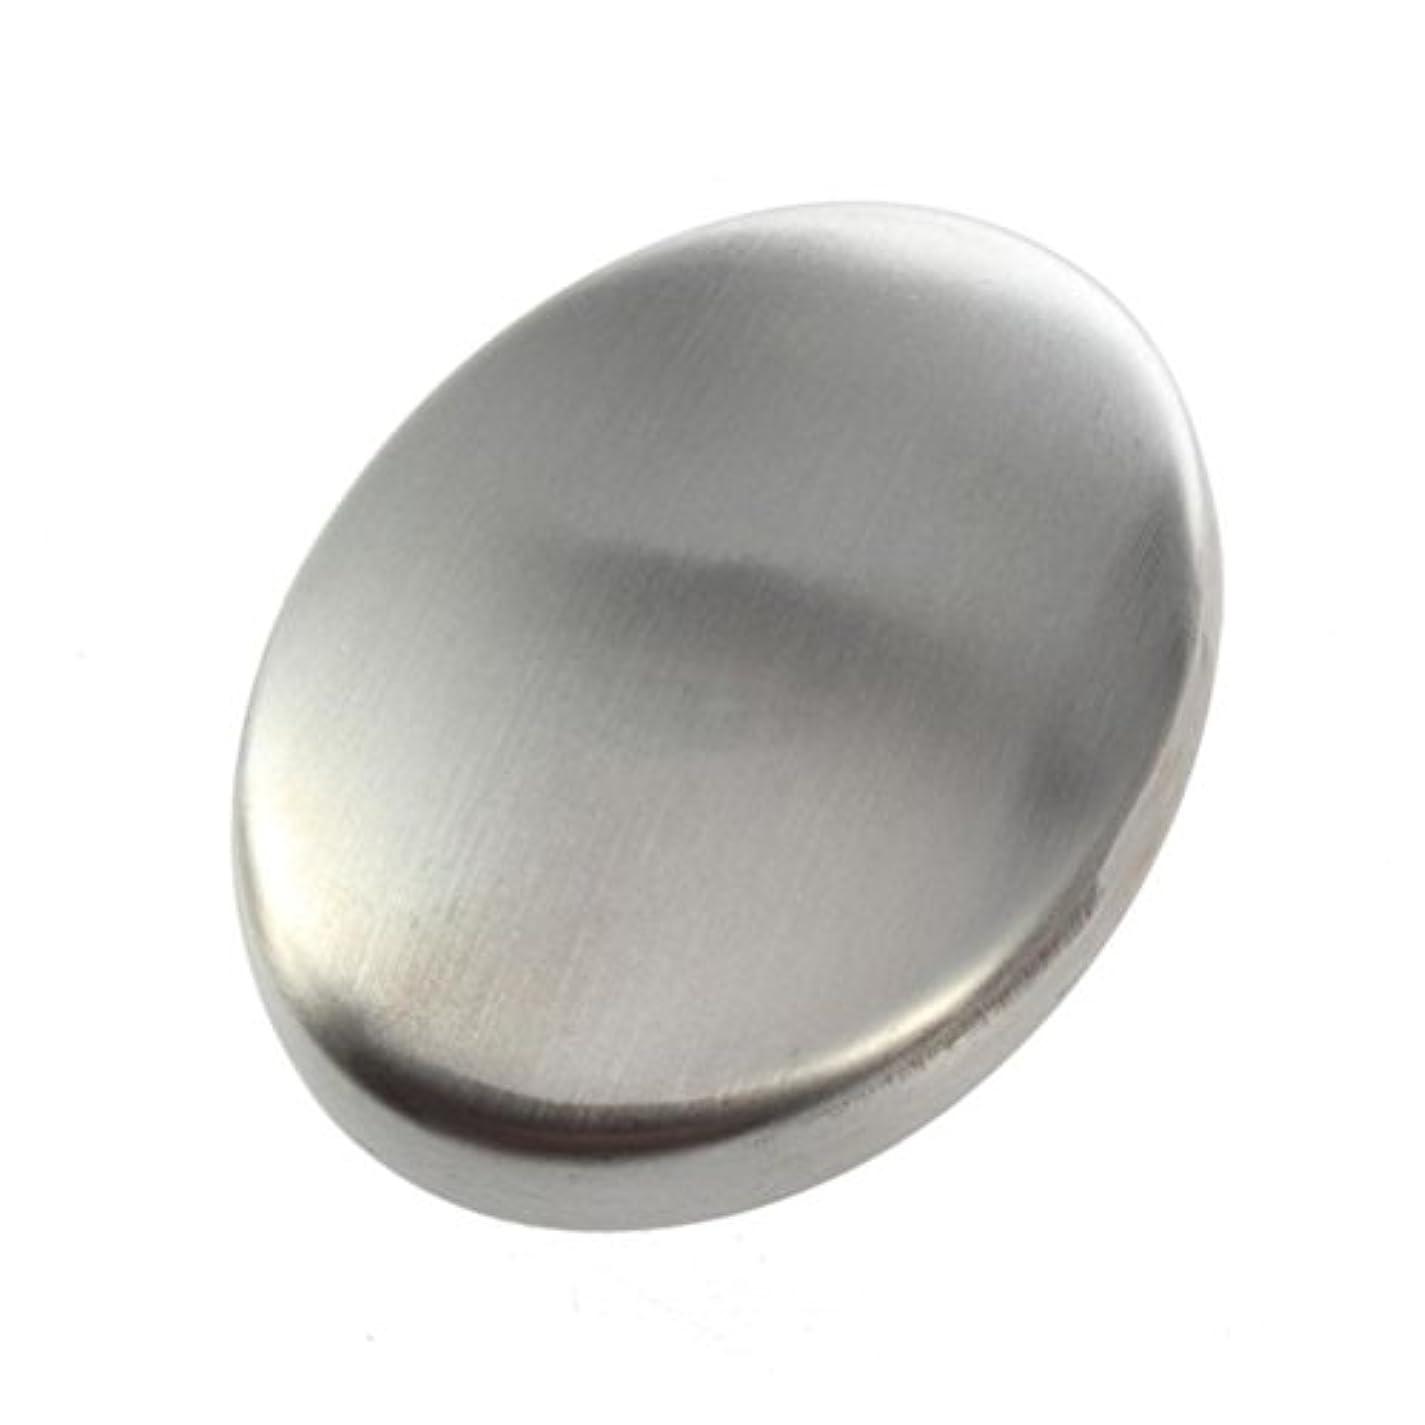 パニックラベルバーFlybloom ステンレス鋼の石鹸の臭気は容易な速く除去の臭いの台所棒楕円形の石鹸のための石鹸を取除きます